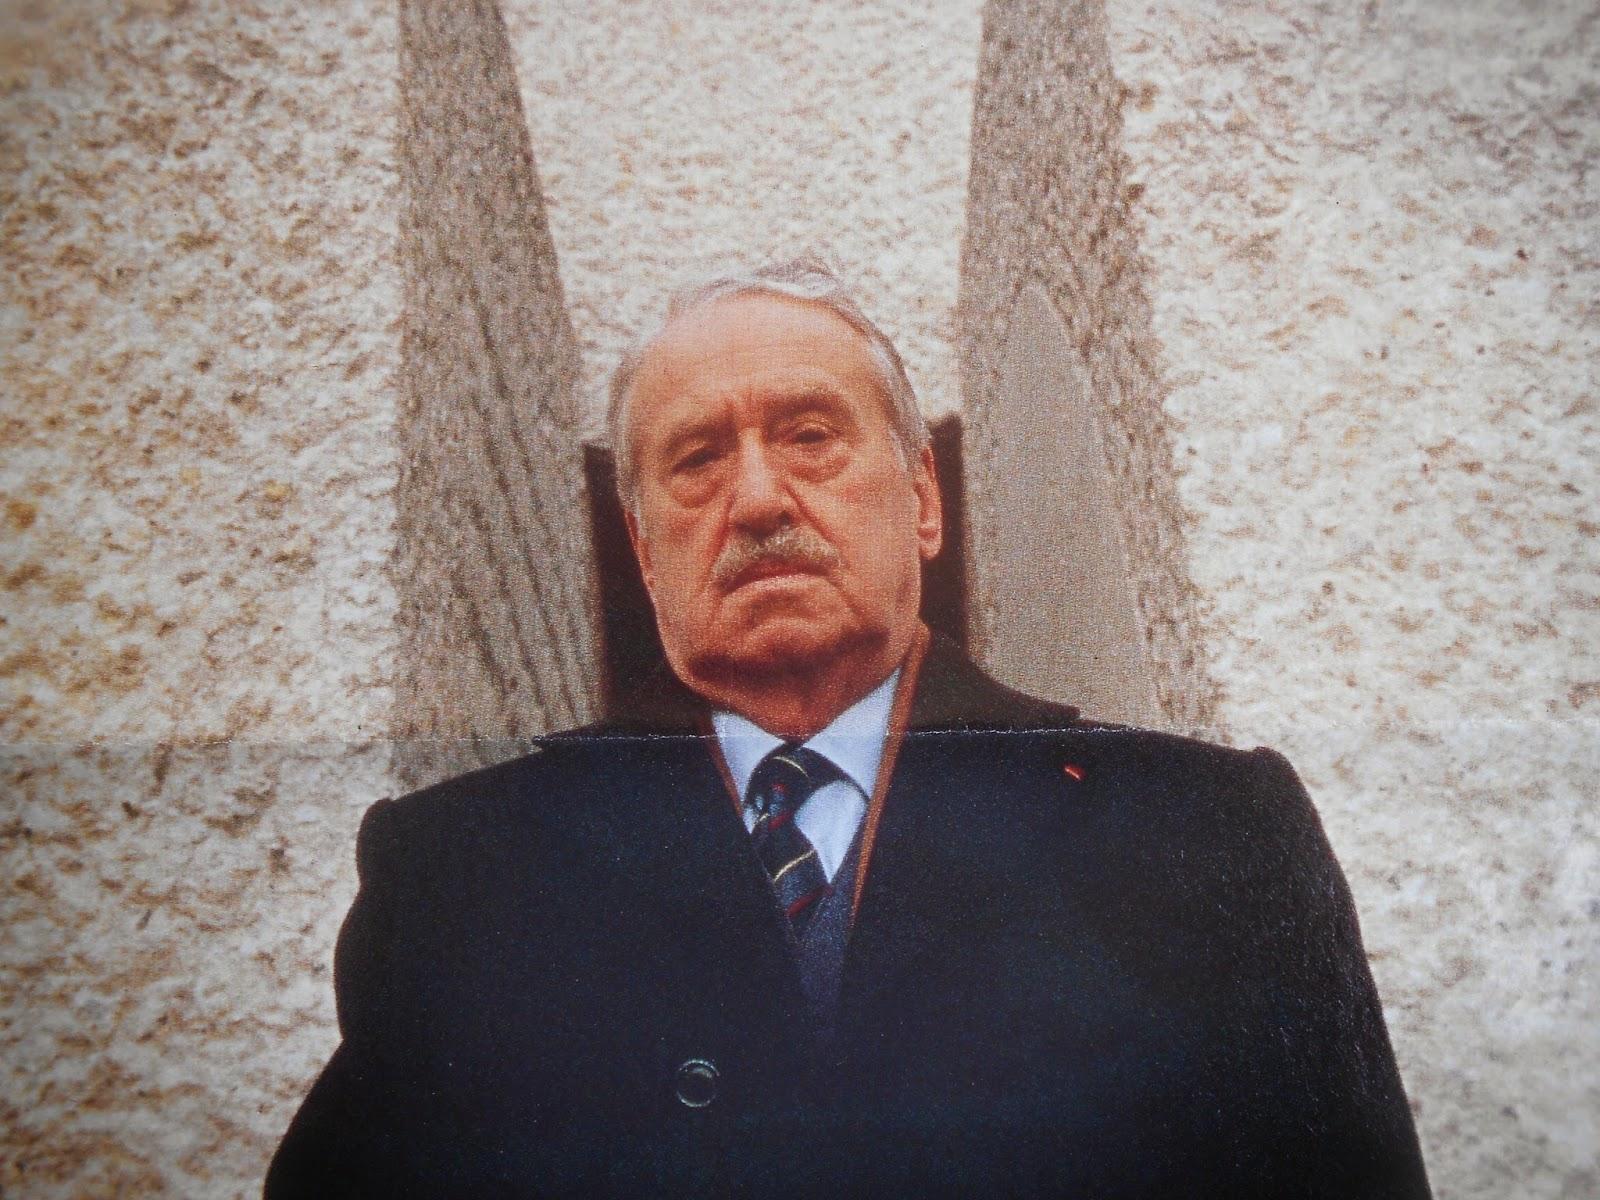 Mitos y realidades sobre el Frente Nacional (o sobre cómo desmontar la farsa Le Pen) Hemmerdinger